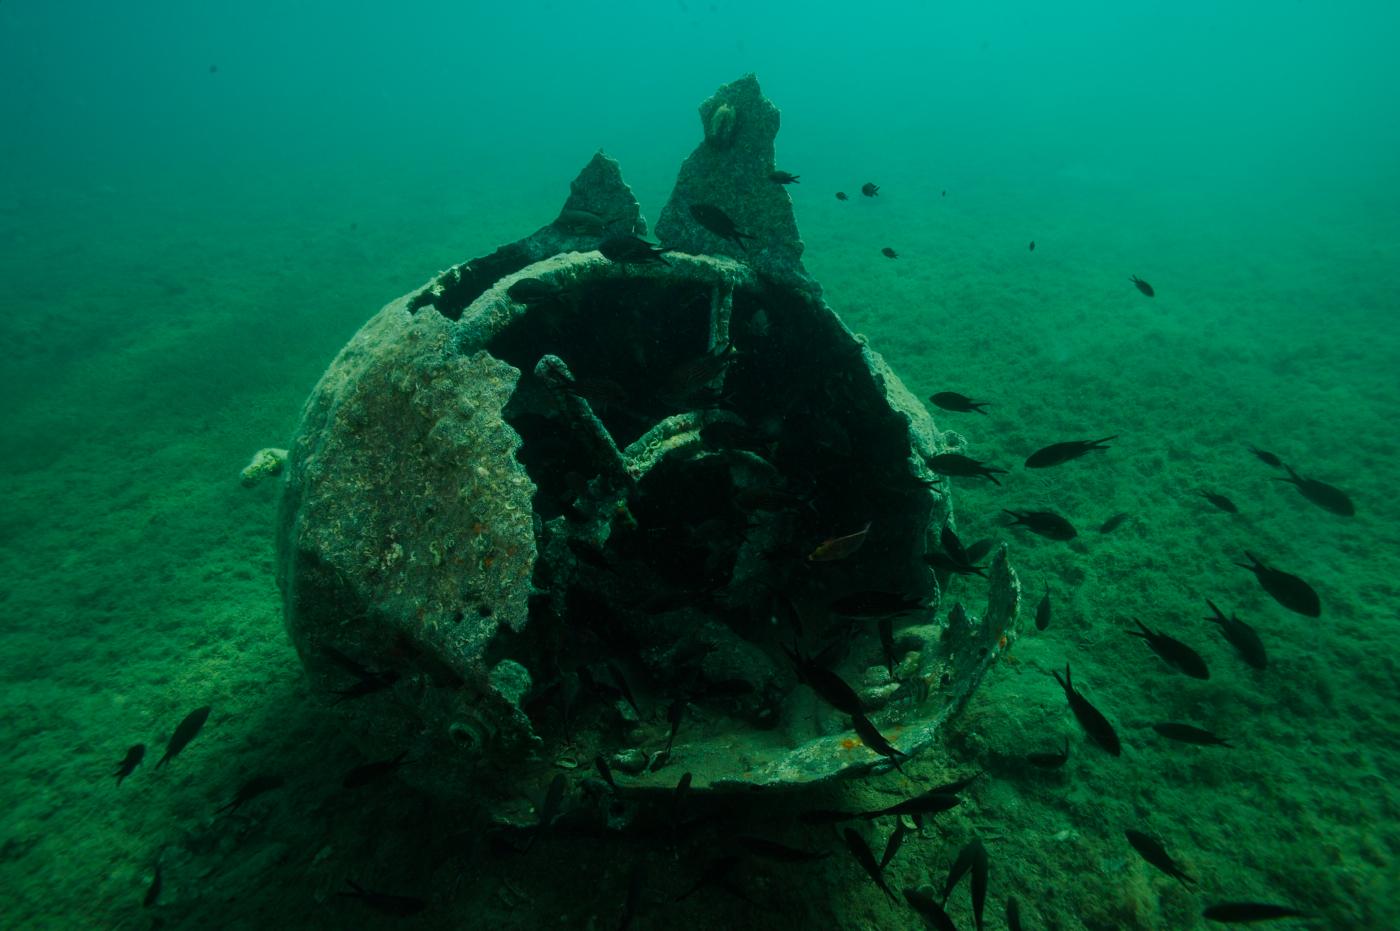 Une plongée nous permet d'étudier les restes d'une mine sous-marine éventrée © Philippe Henry / OCEAN71 Magazine